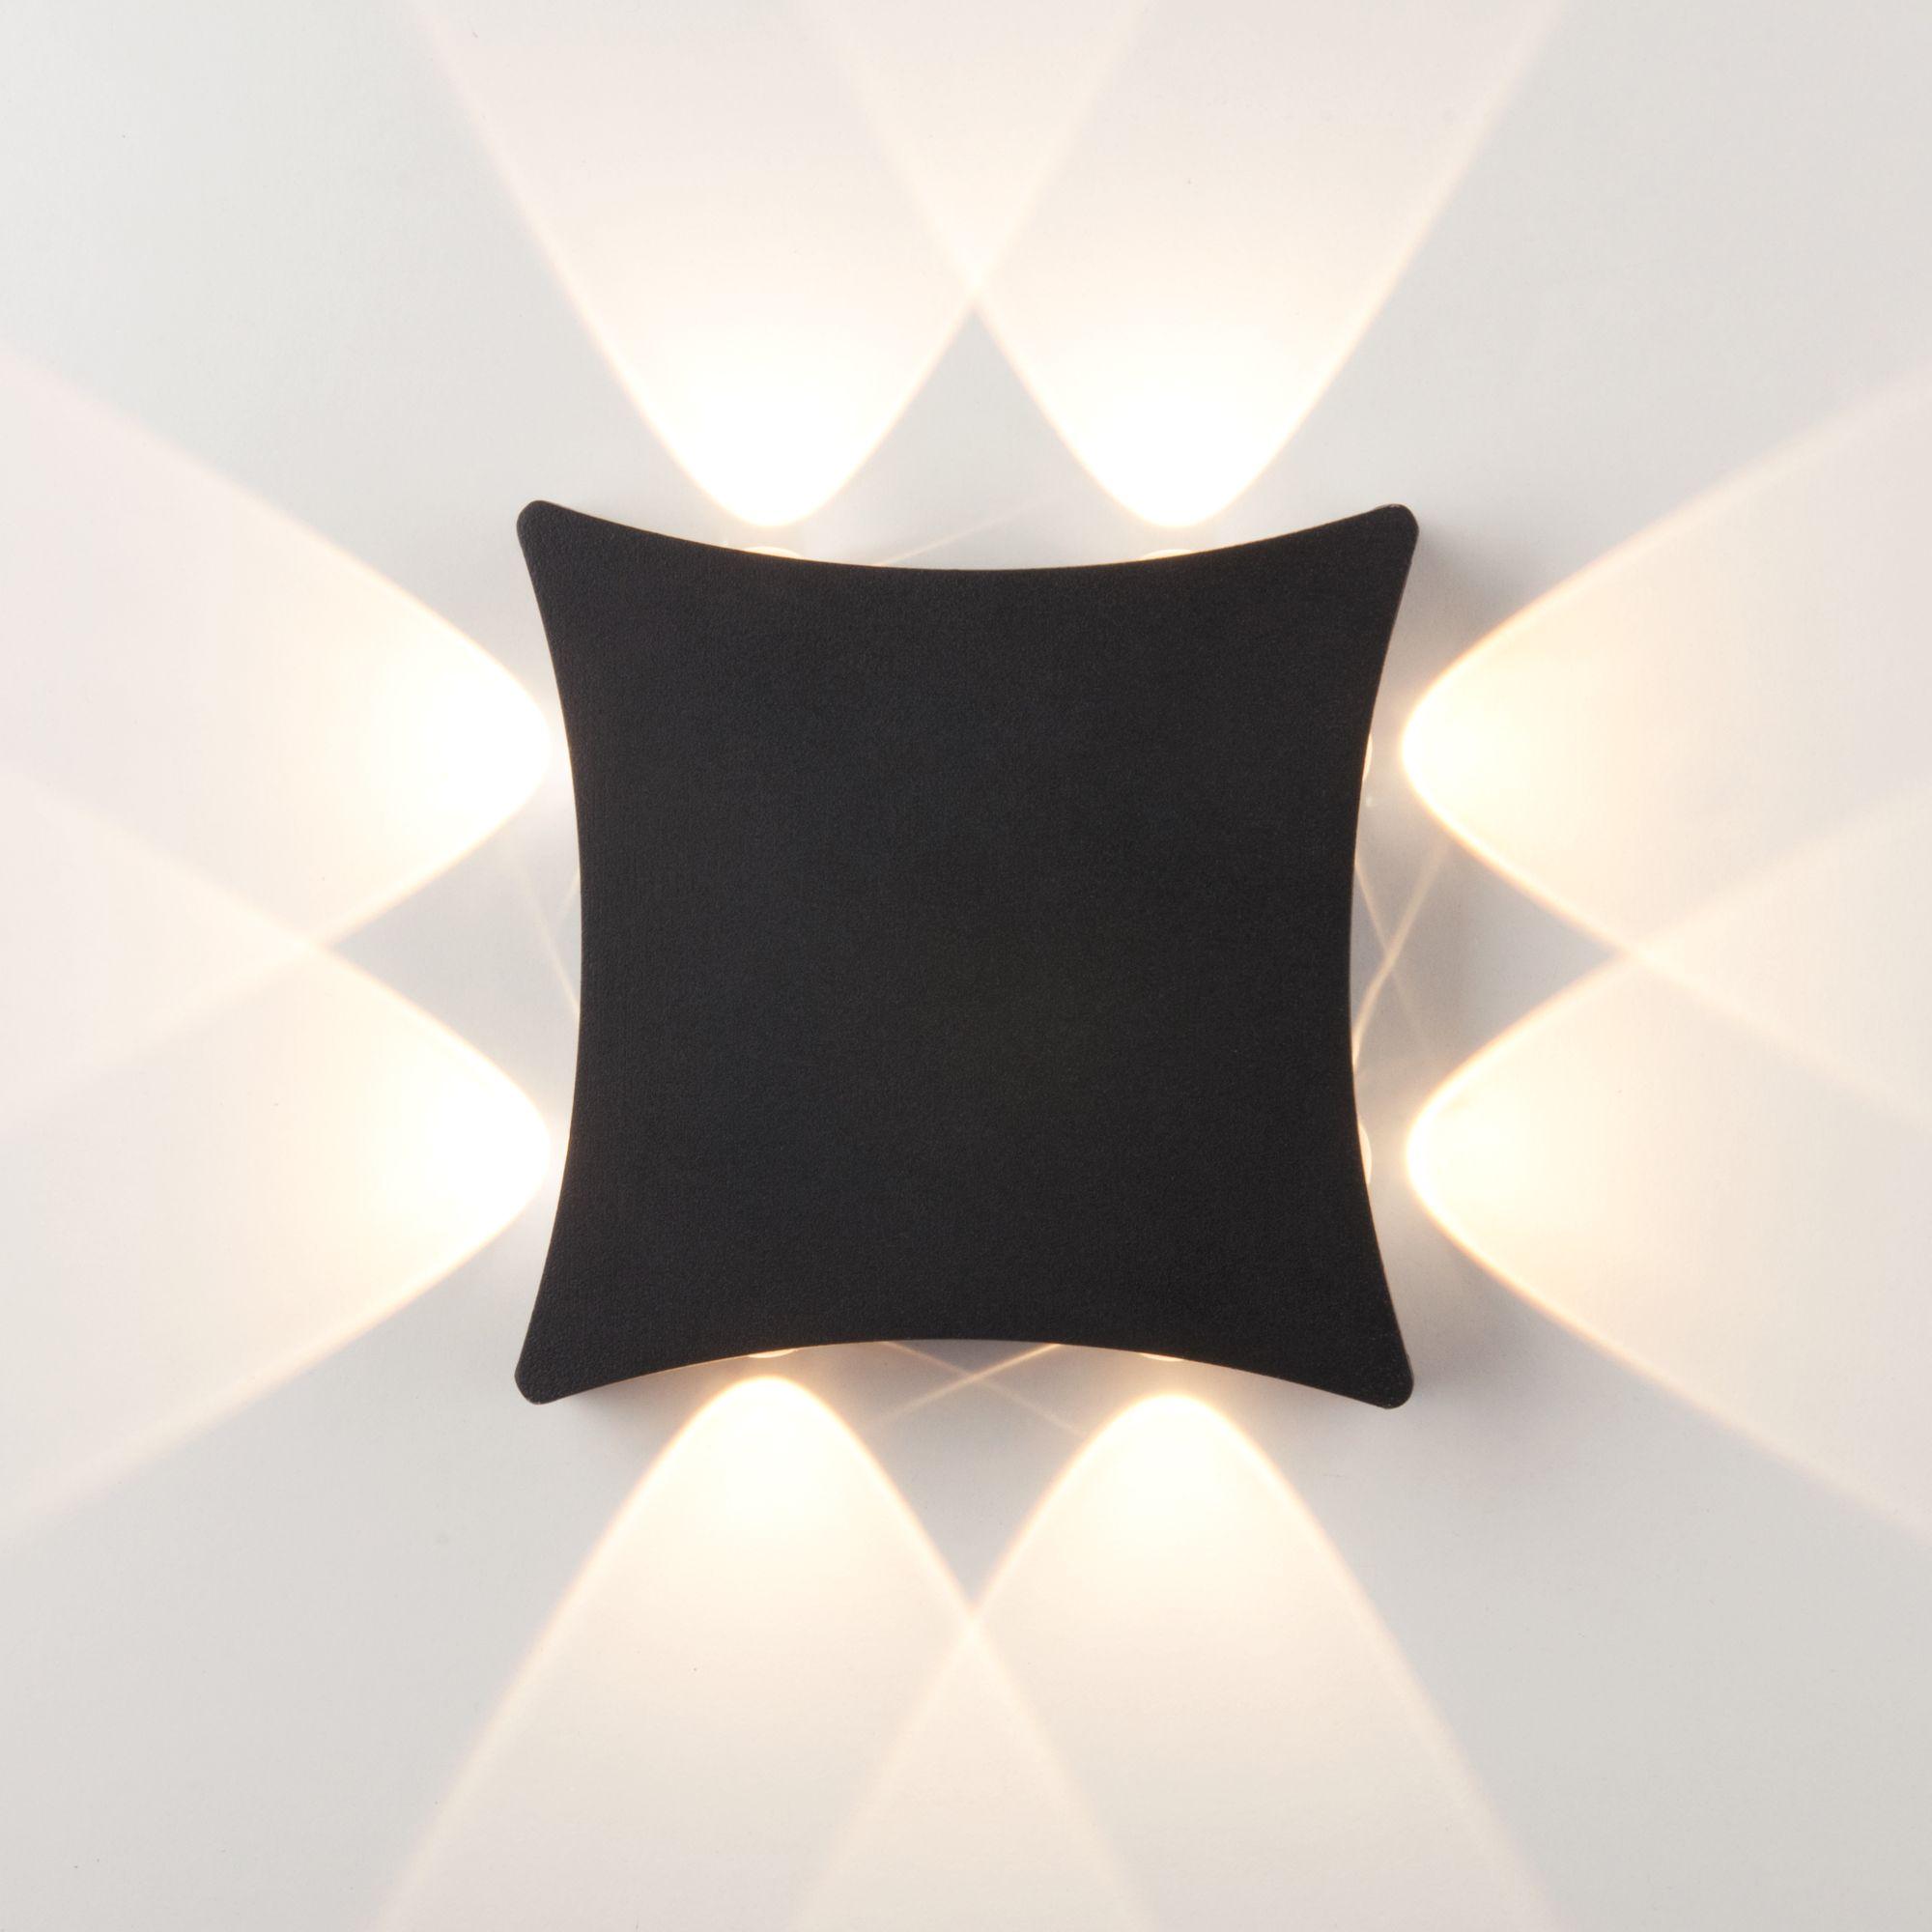 Уличный настенный светодиодный светильник 1631 TECHNO LED чёрный 1631 TECHNO LED чёрный